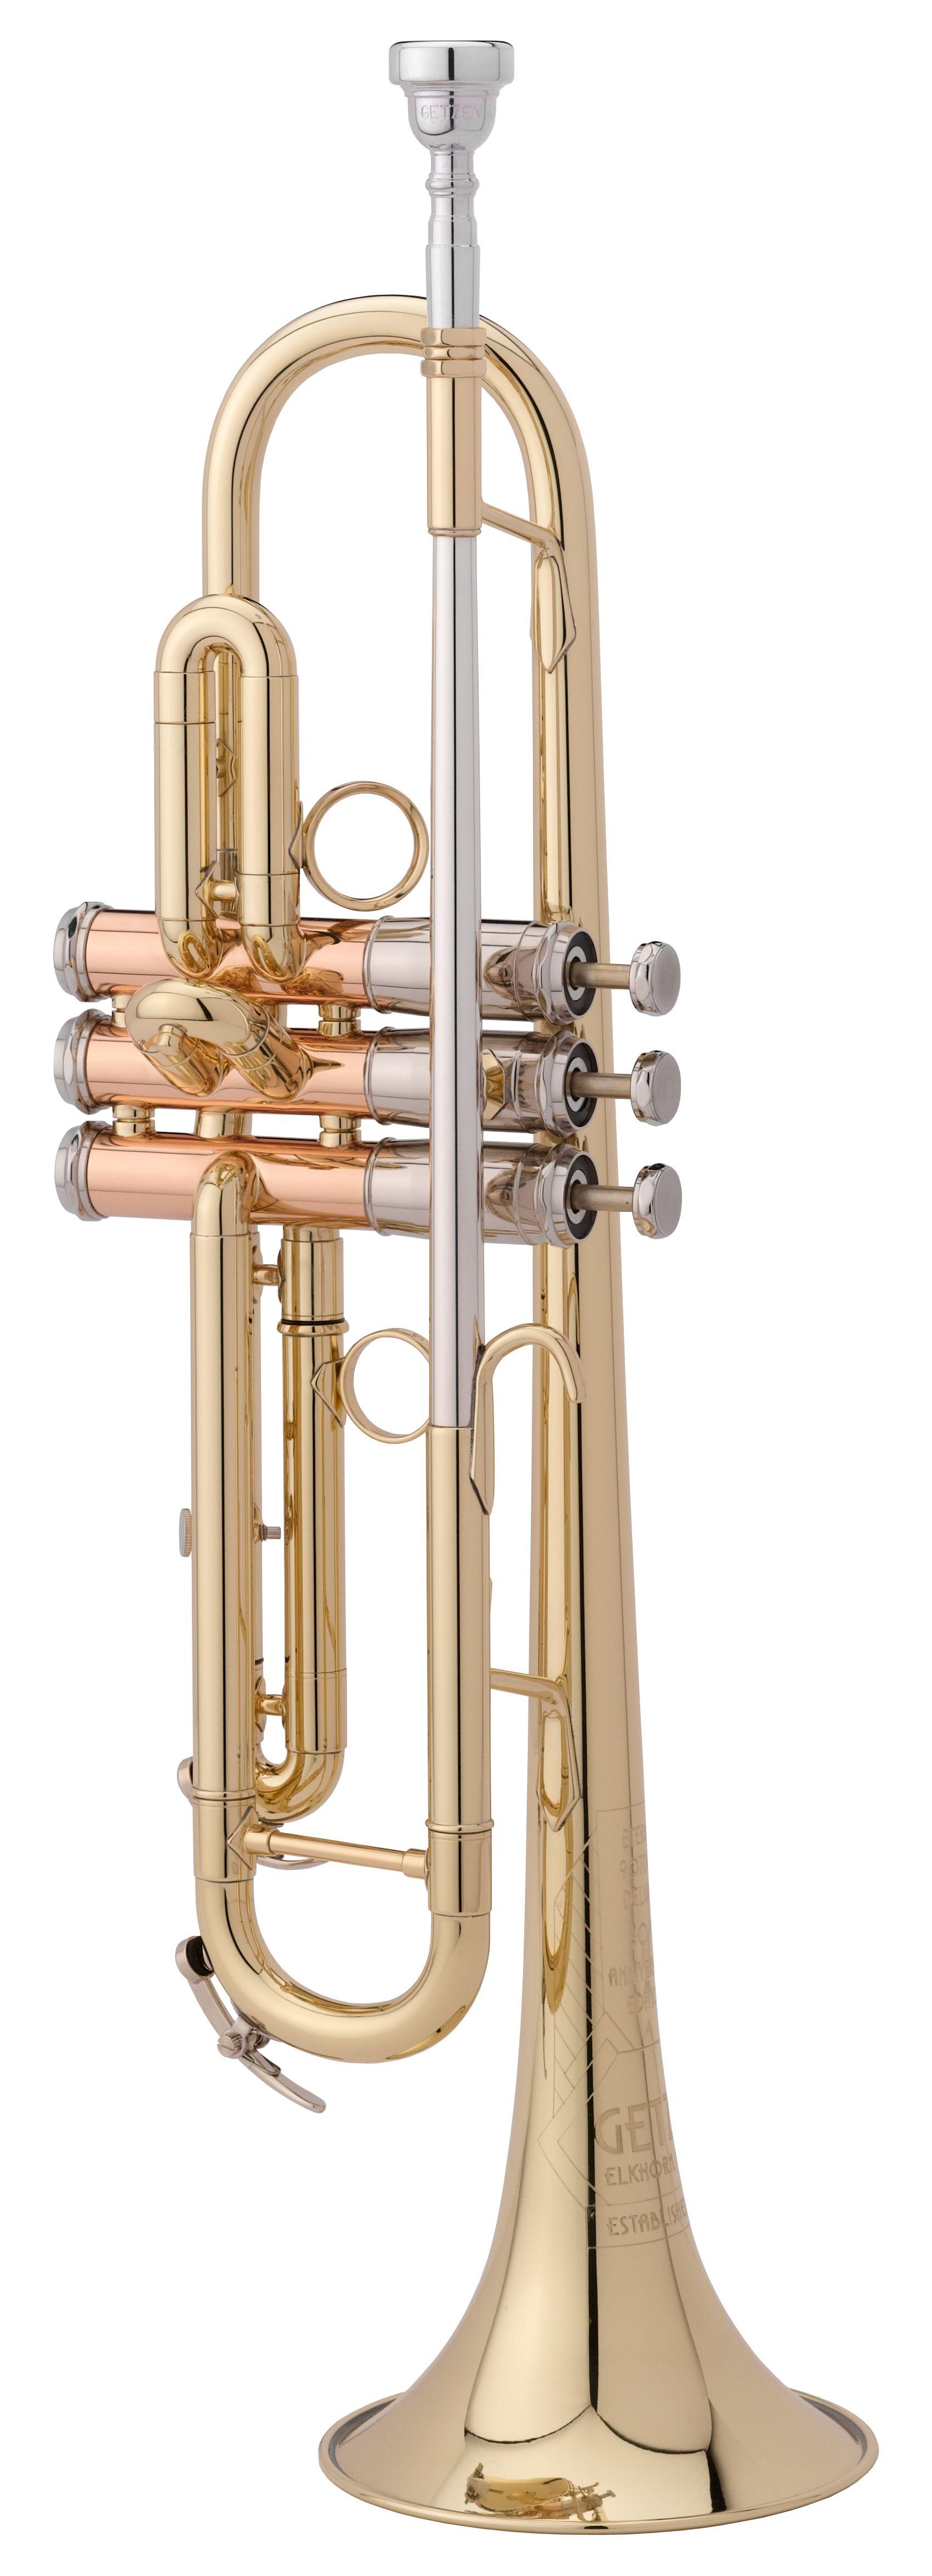 Getzen - 907 DLX - Blechblasinstrumente - Trompeten mit Perinet-Ventilen | MUSIK BERTRAM Deutschland Freiburg